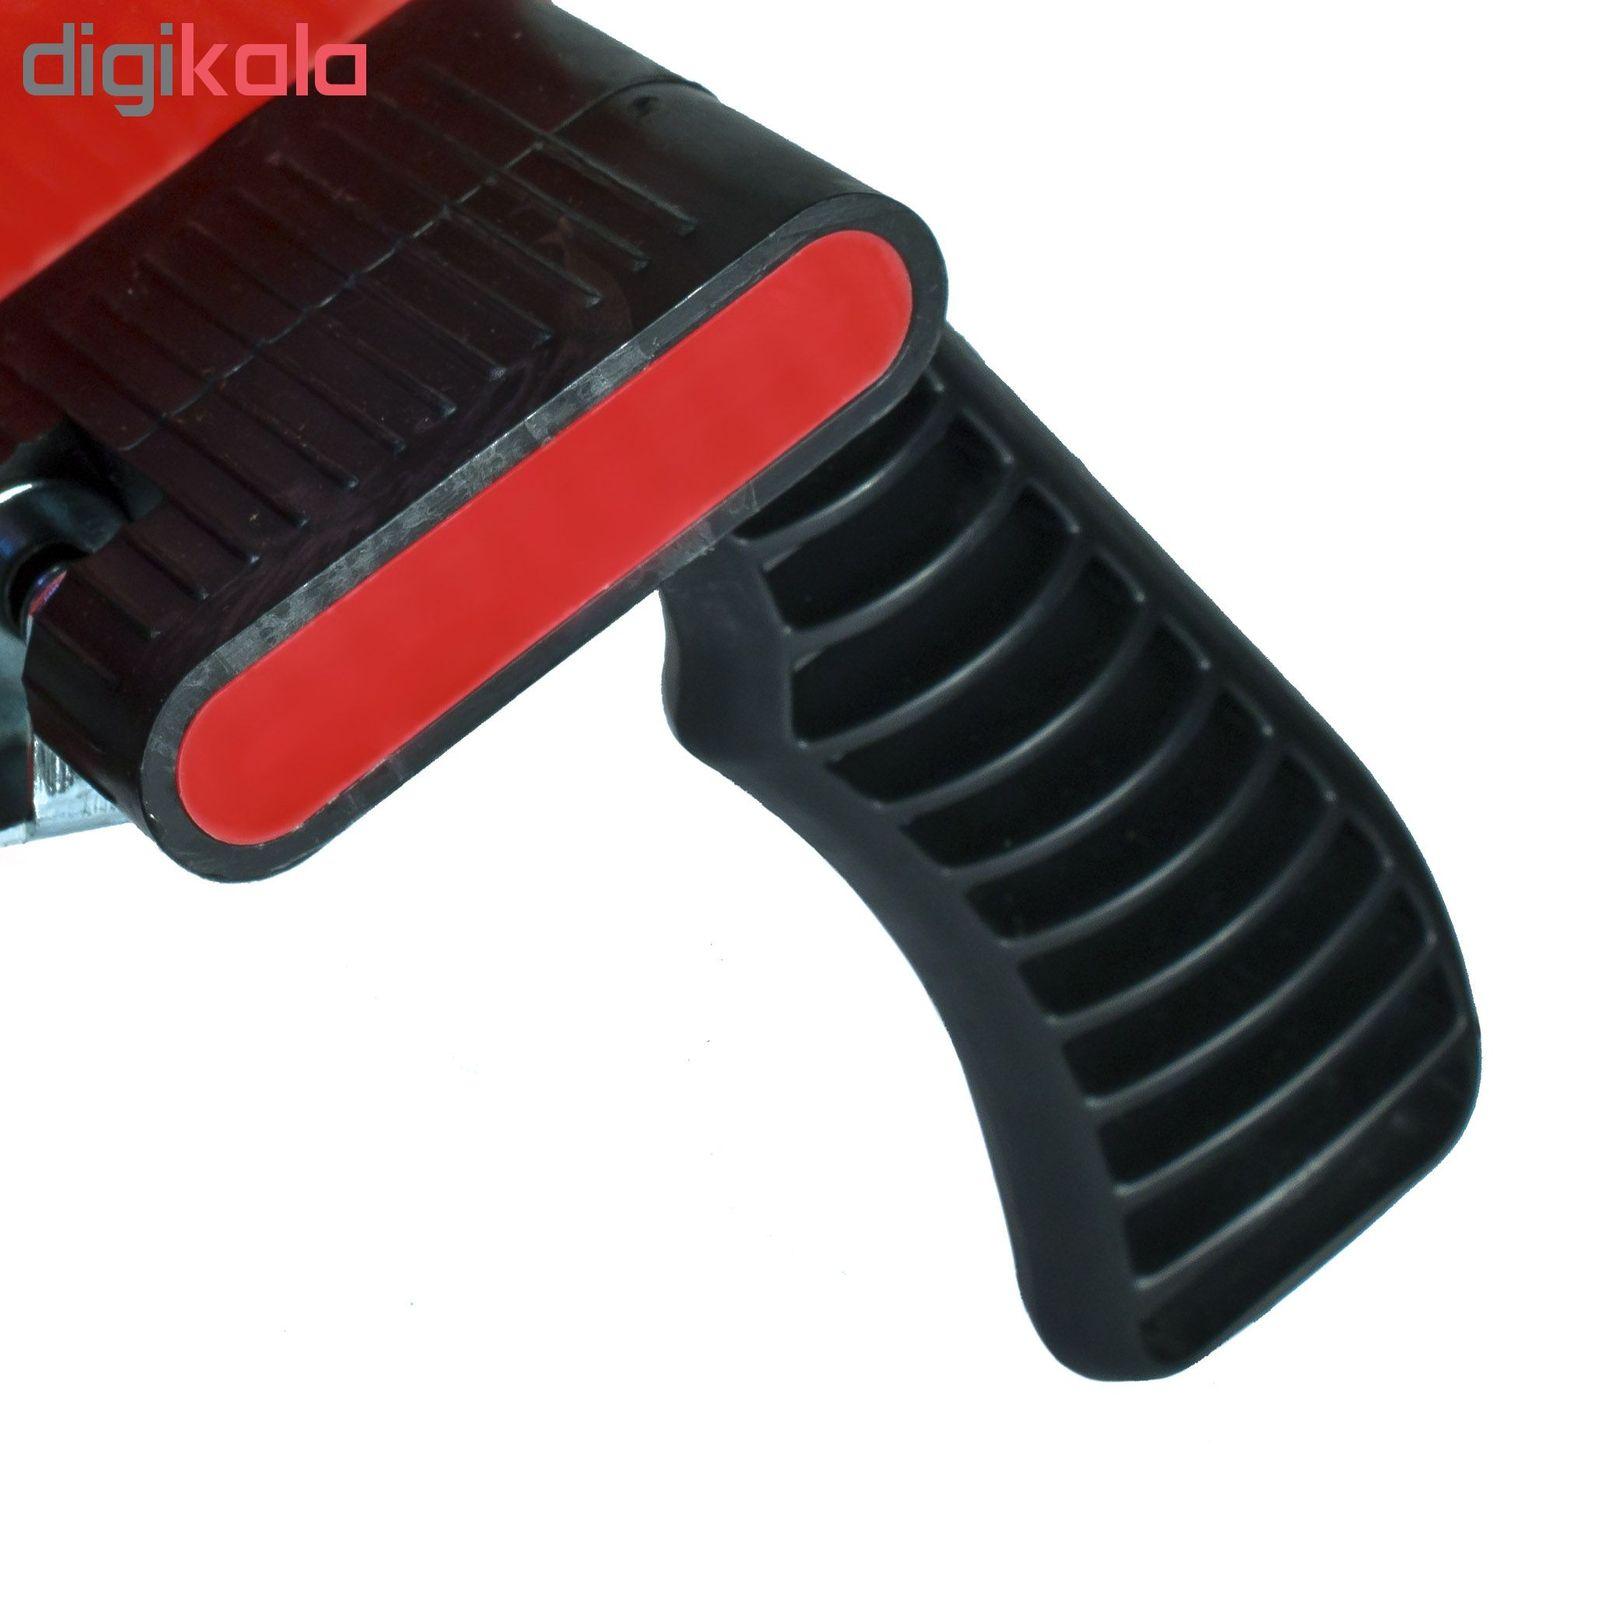 دستگاه چسب پهن مدل ZA05 main 1 3